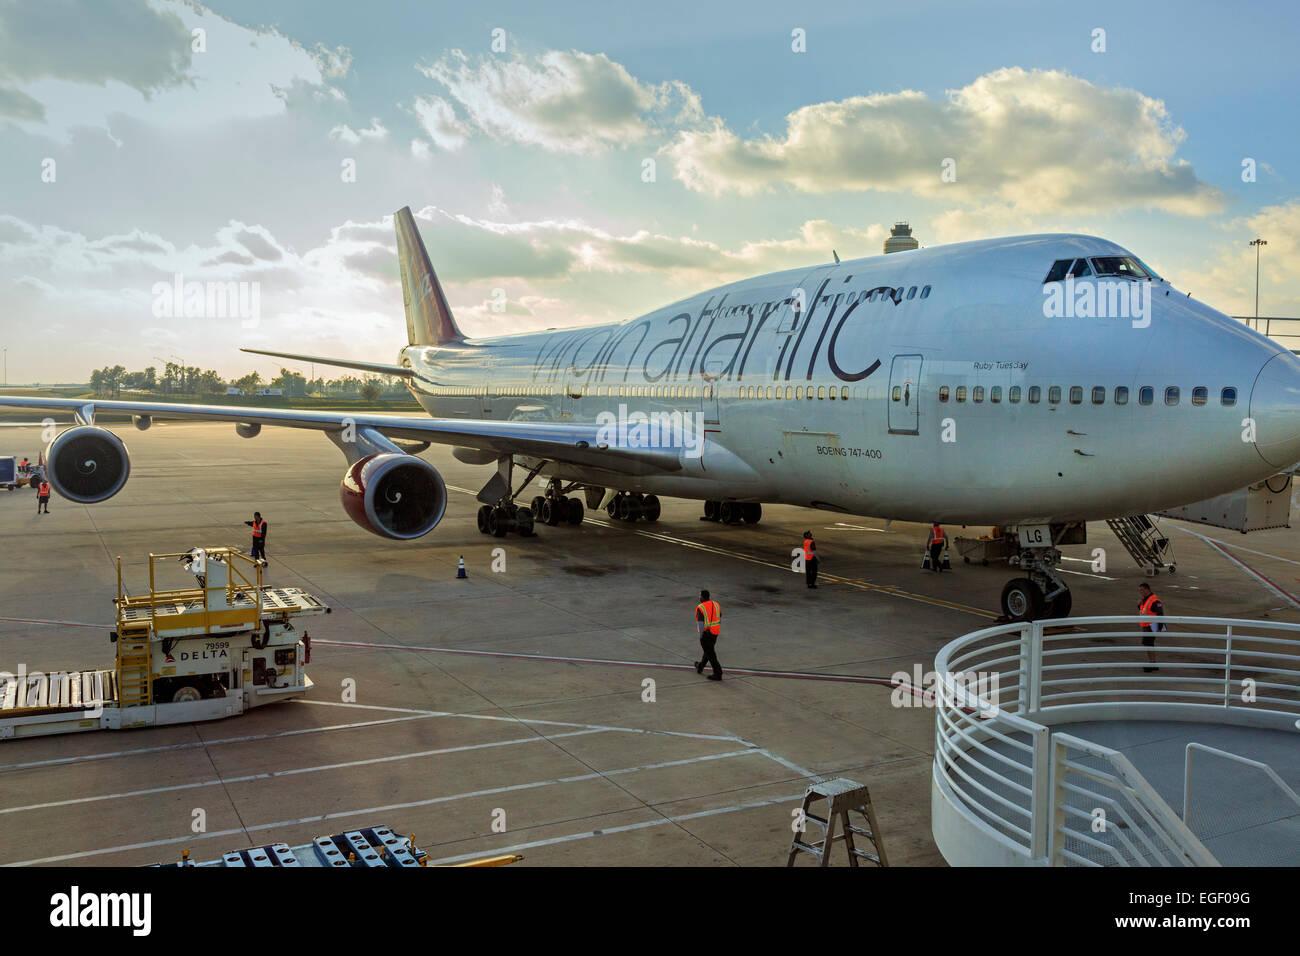 Virgin Atlantic Boeing 747 siendo cargado al aeropuerto de Orlando, Florida, Estados Unidos Imagen De Stock